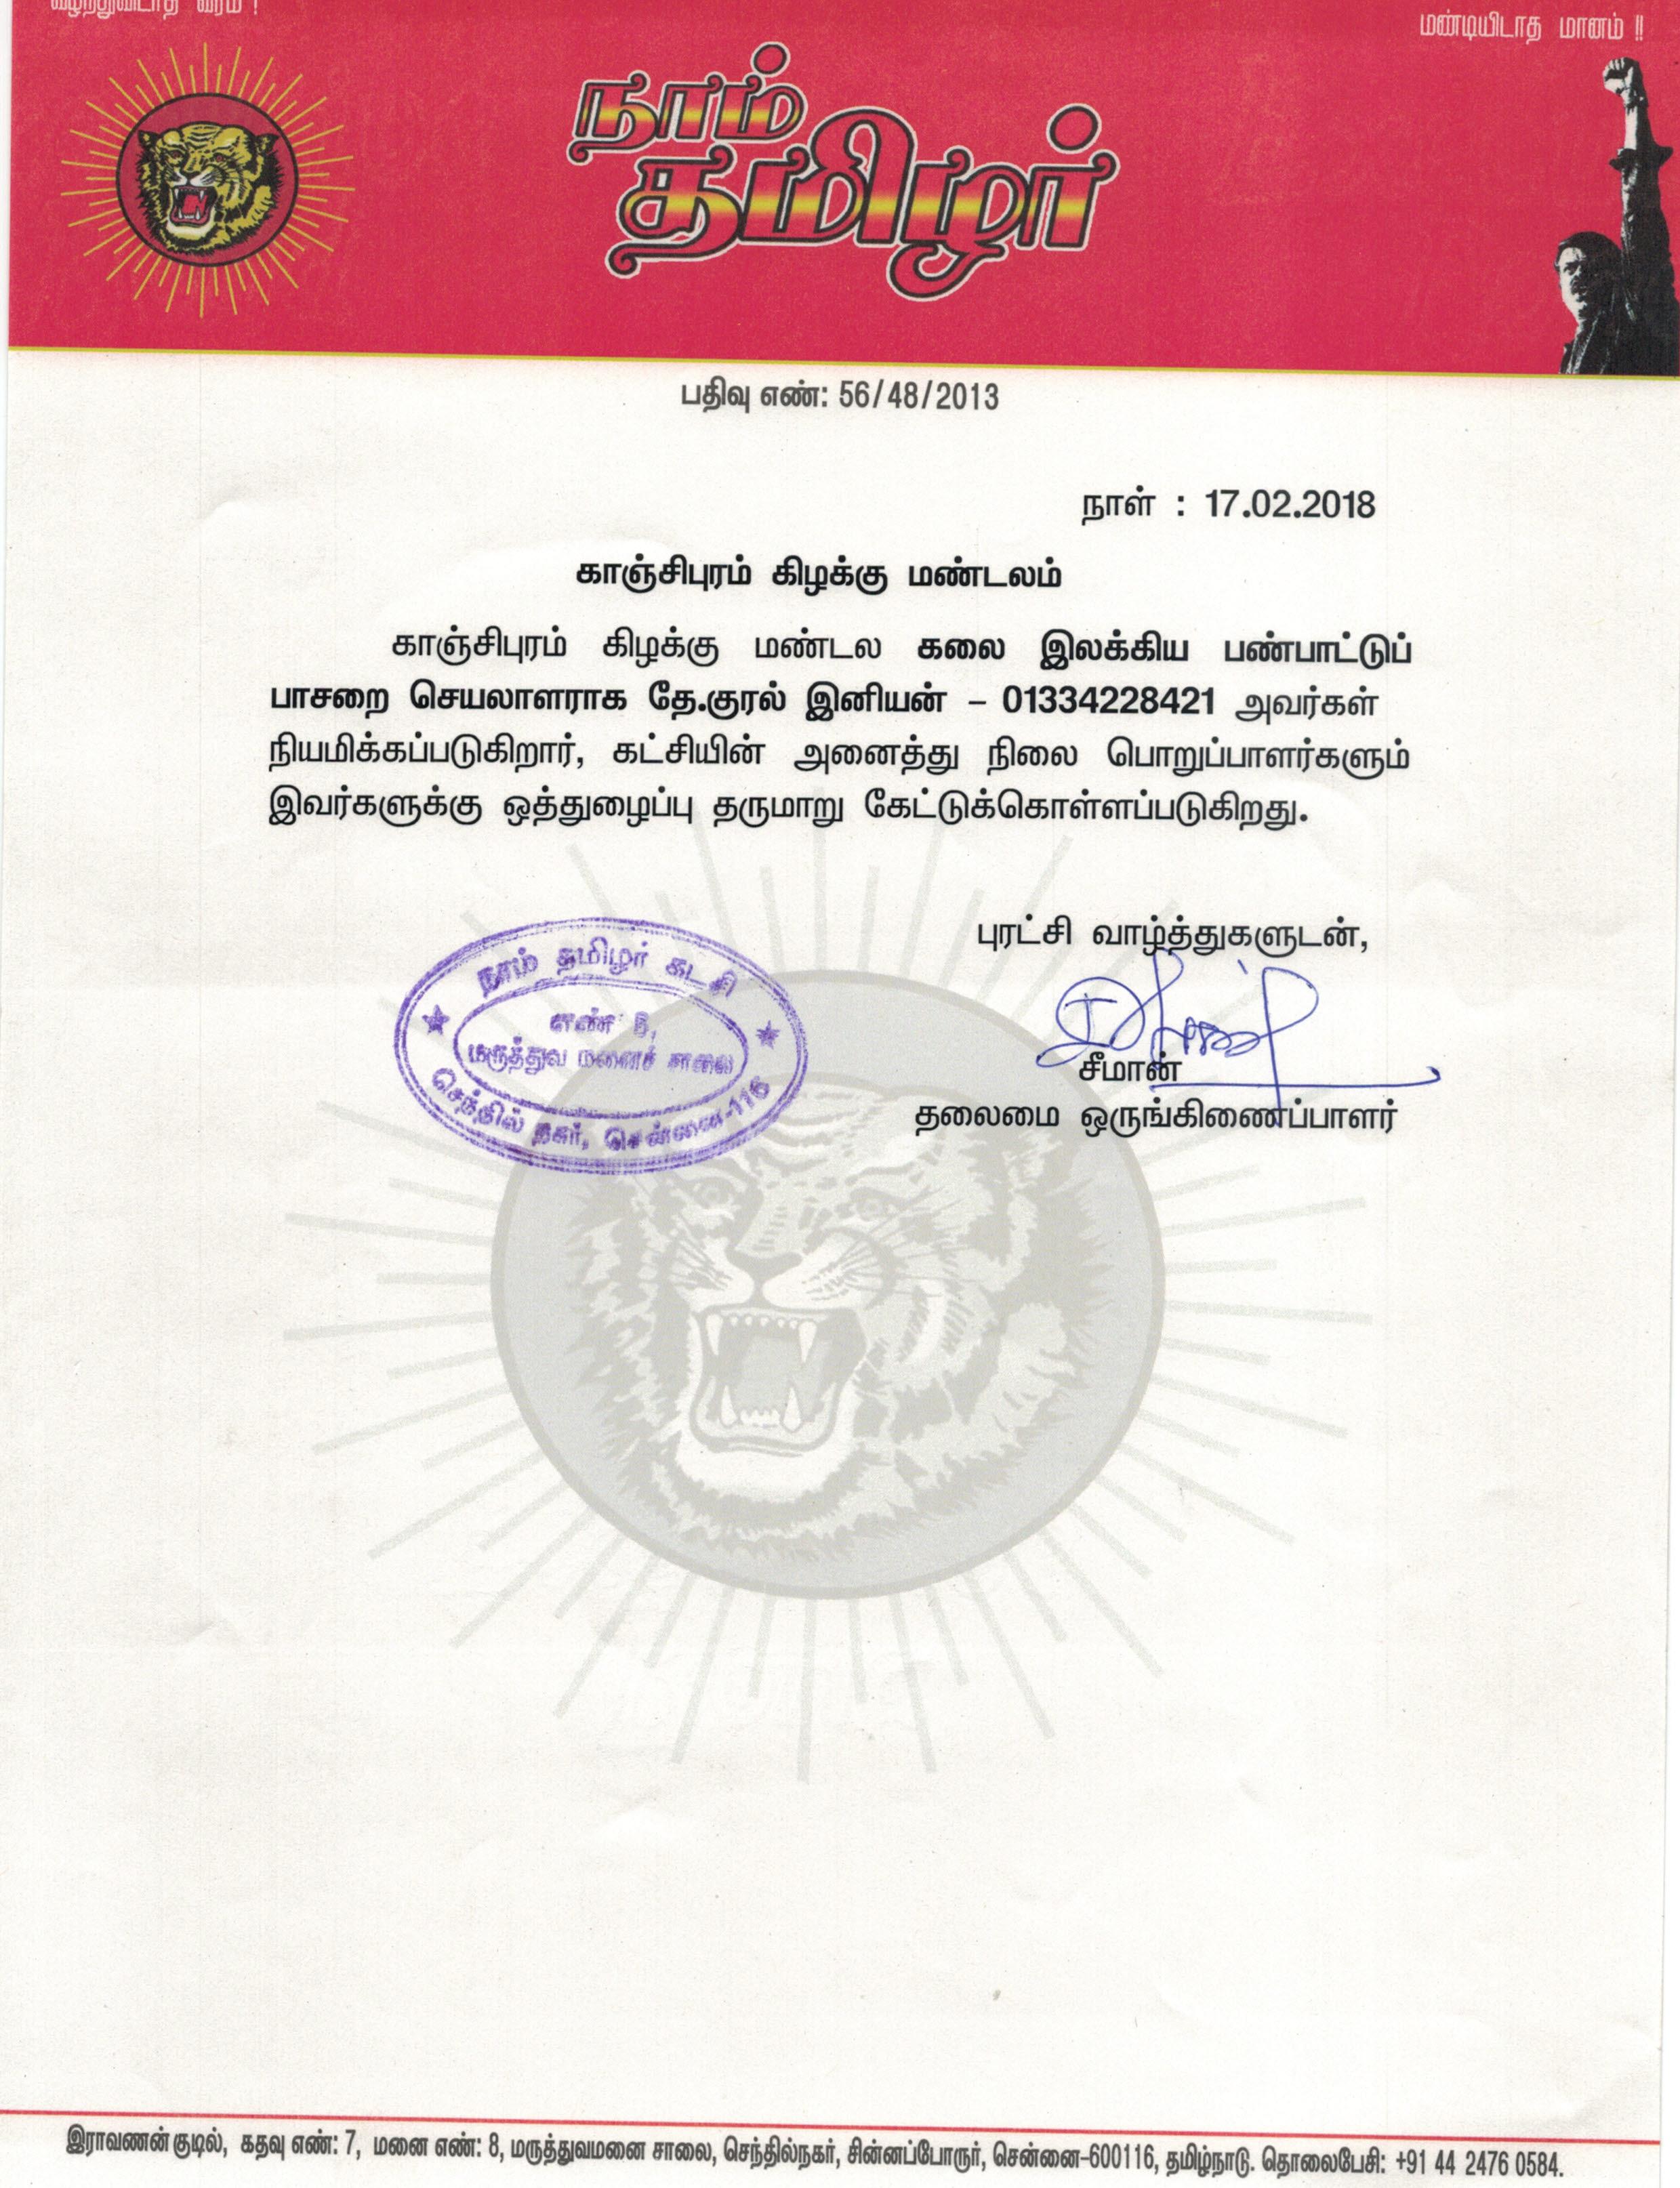 மாவட்டப் பொறுப்பாளர்களுடன் சீமான் சந்திப்பு மற்றும் புதிய நிர்வாகிகள் நியமனம் – (காஞ்சிபுரம் : கிழக்கு மண்டலம் ) seeman announced kanjipuram east kalai ilakkiya panpaattu pasarai kural iniyan naam tamilar katchi authorities 2018